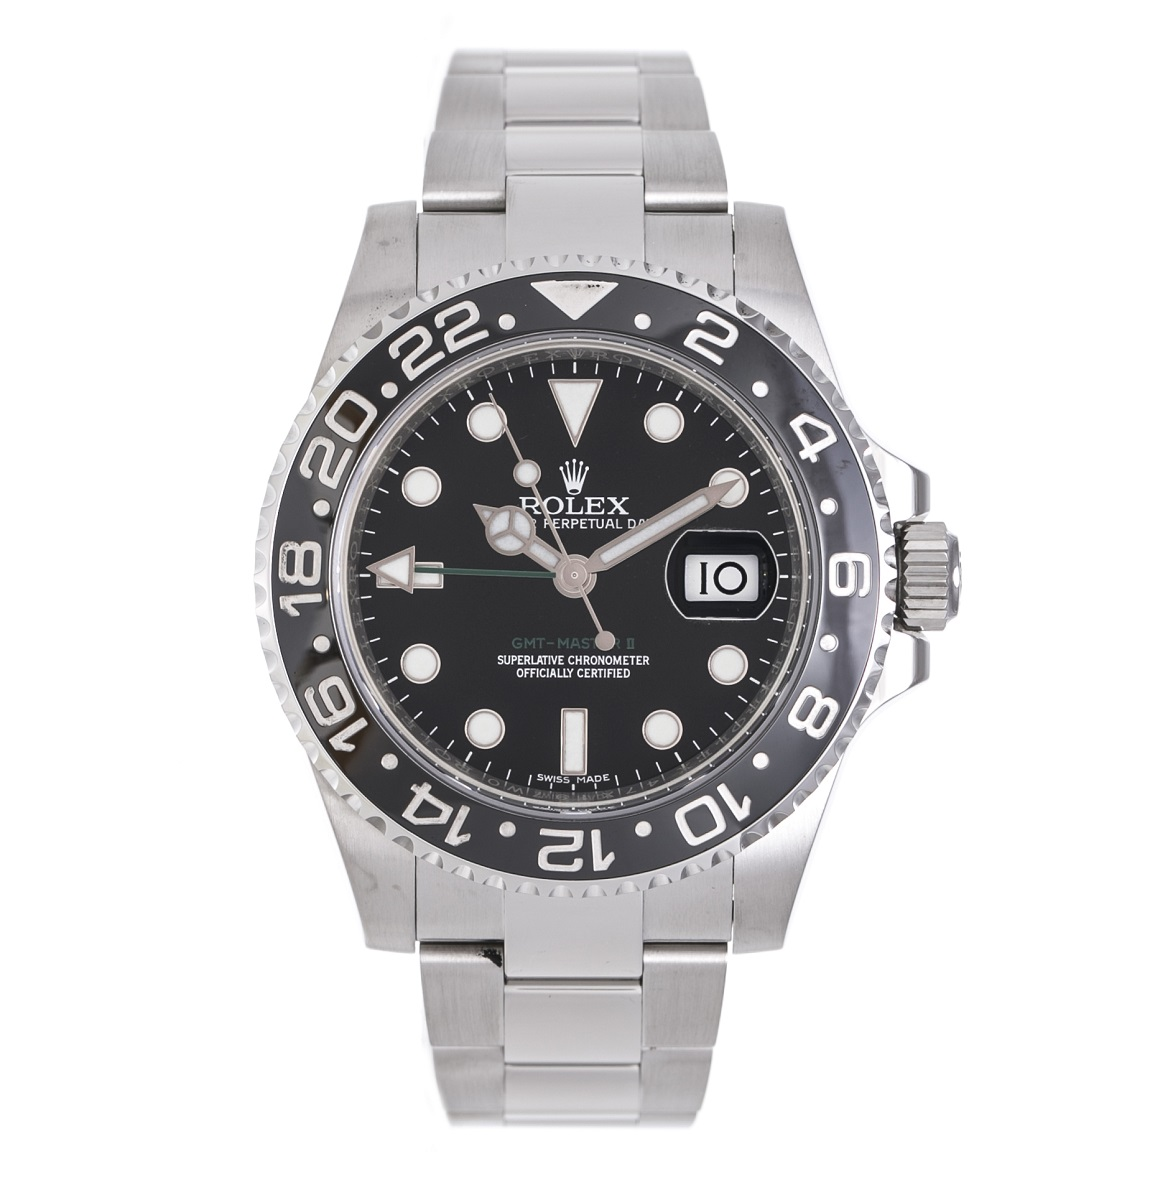 ROLEX GMTマスター2 116710LN ステンレス SS ランダム 自動巻き AT メンズ 腕時計 送料無料【トレジャースポット】【中古】